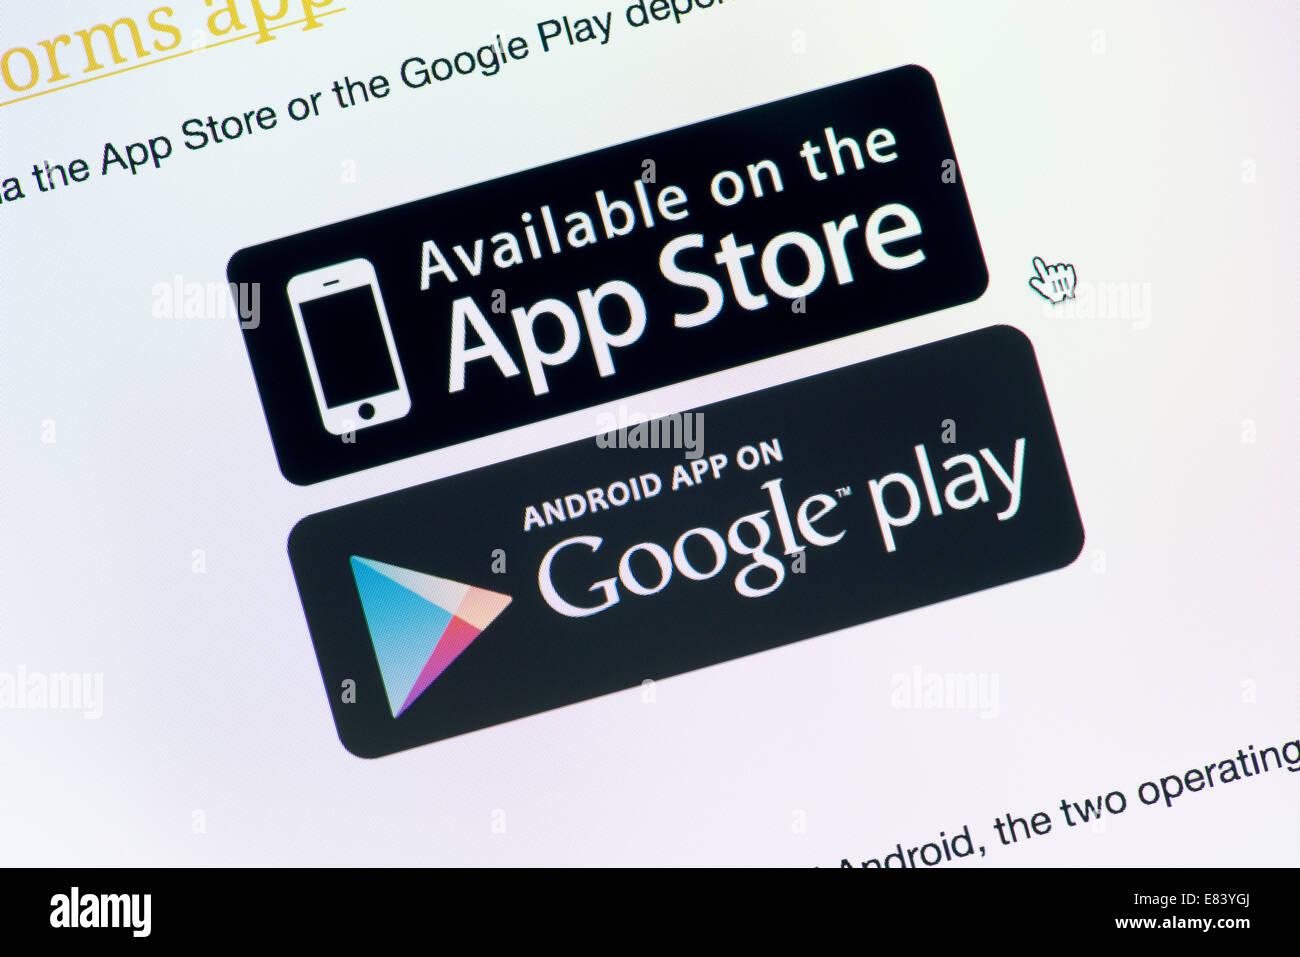 Primer plano de la pantalla del monitor con App Store y Google Play botones de descarga para descargar la aplicación Imagen De Stock